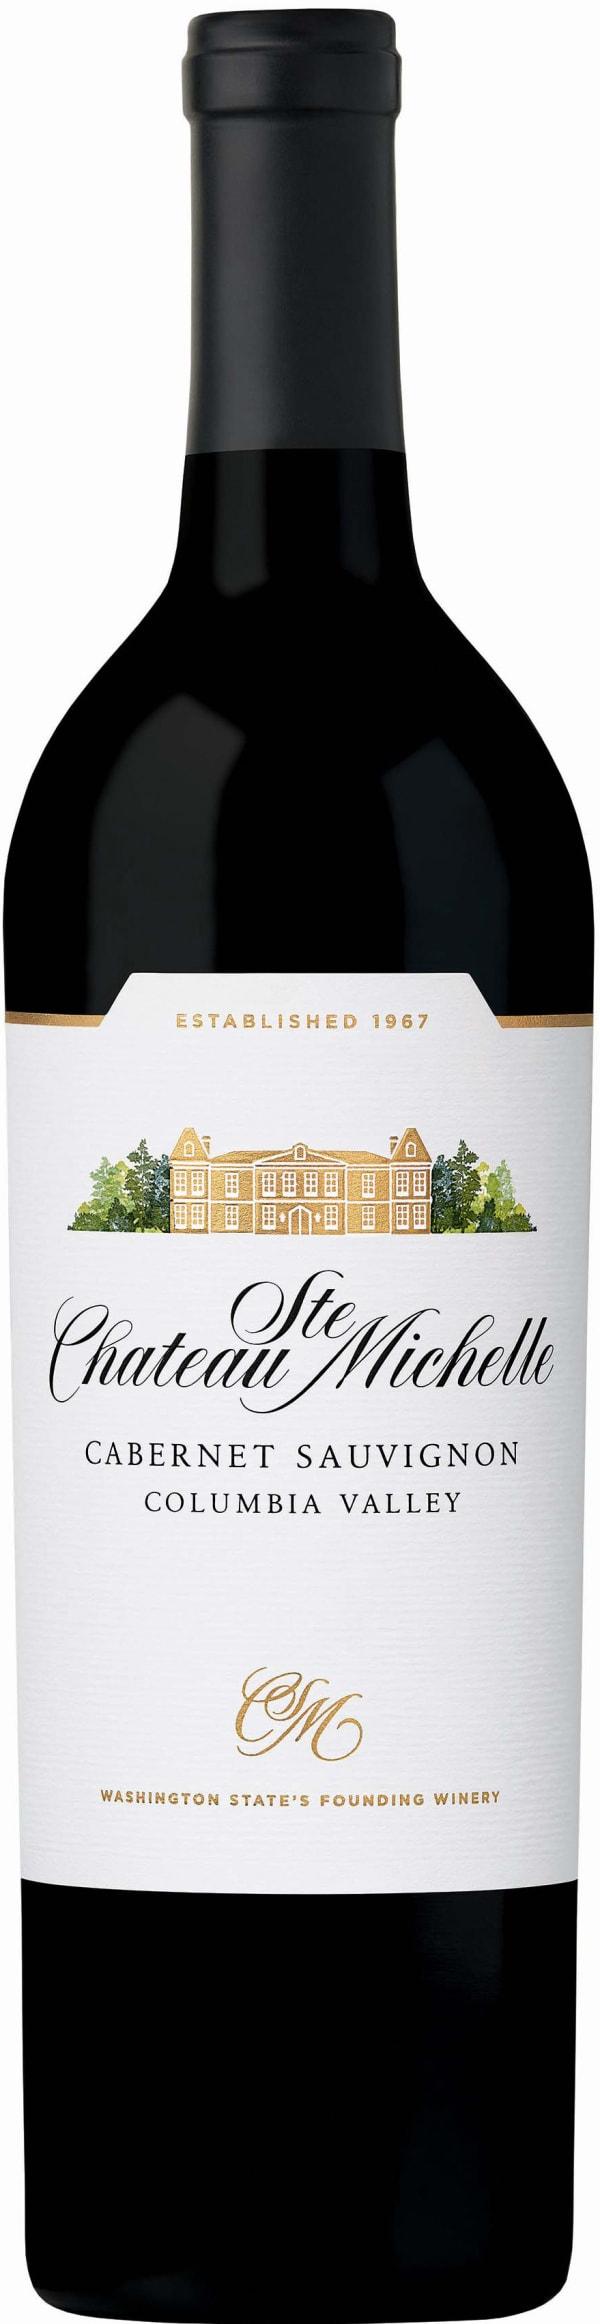 Chateau Ste Michelle Cabernet Sauvignon 50th Anniversary Edition  2015